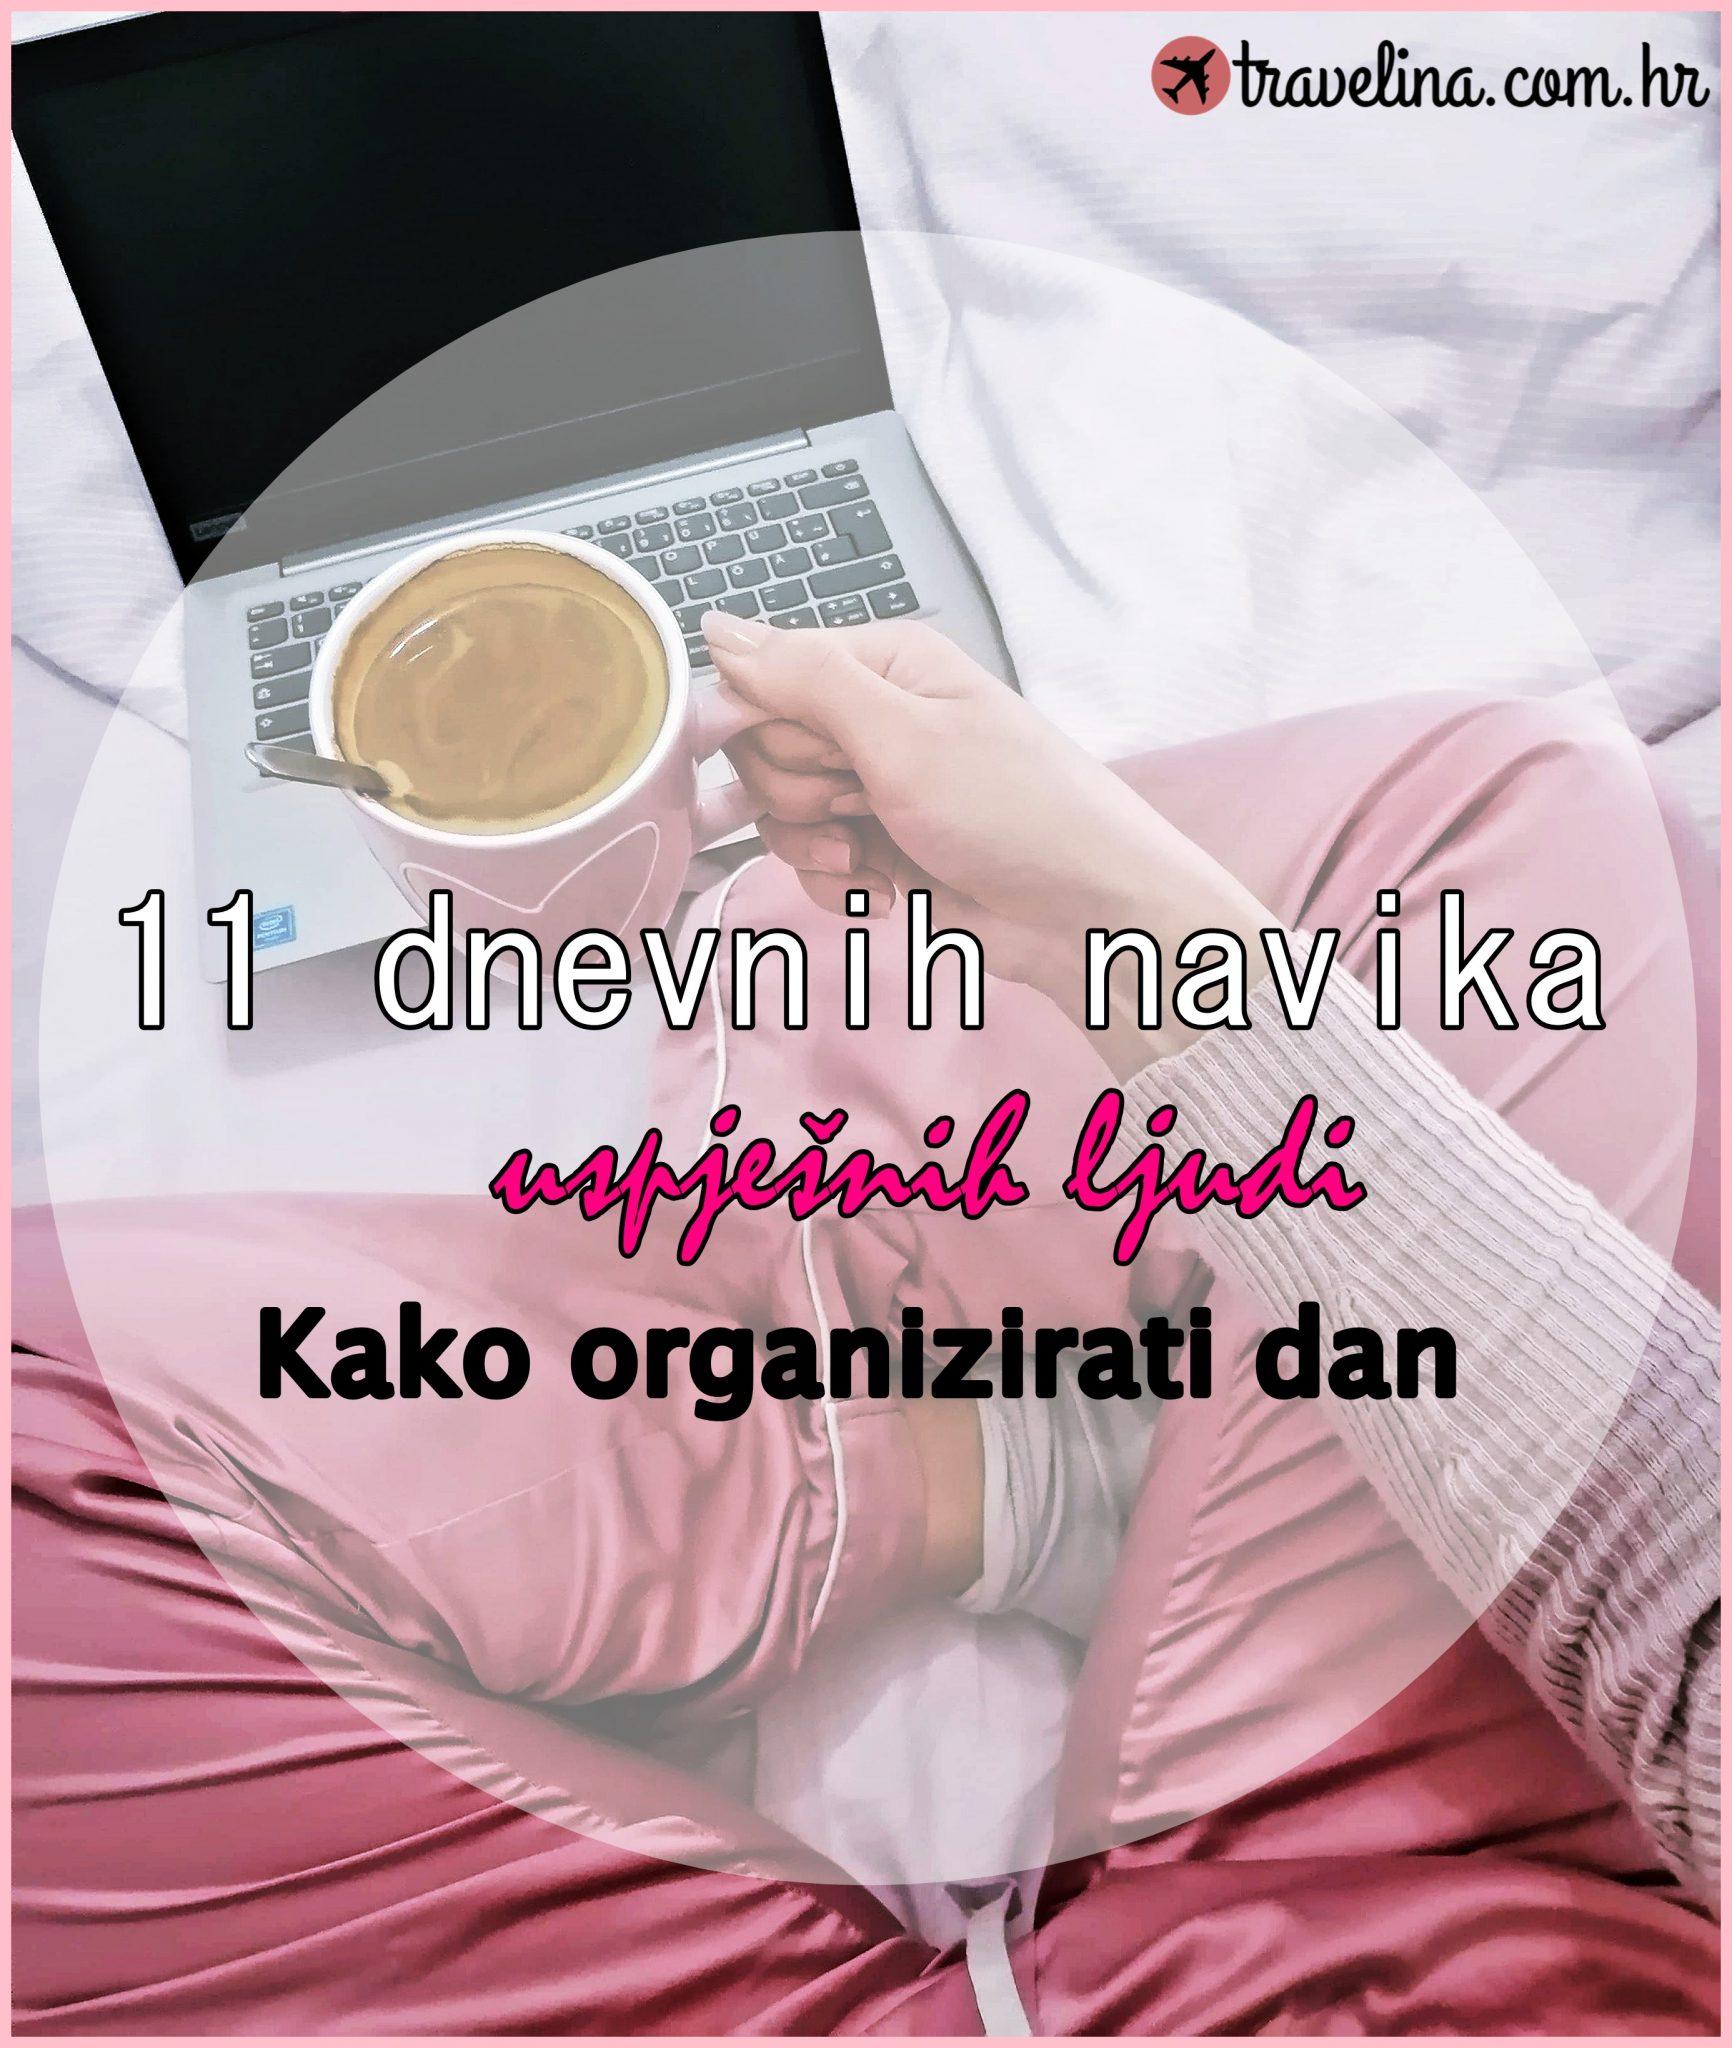 11-dnevnih-navika-uspjesnih-ljudi-Kako-organizirati-dan